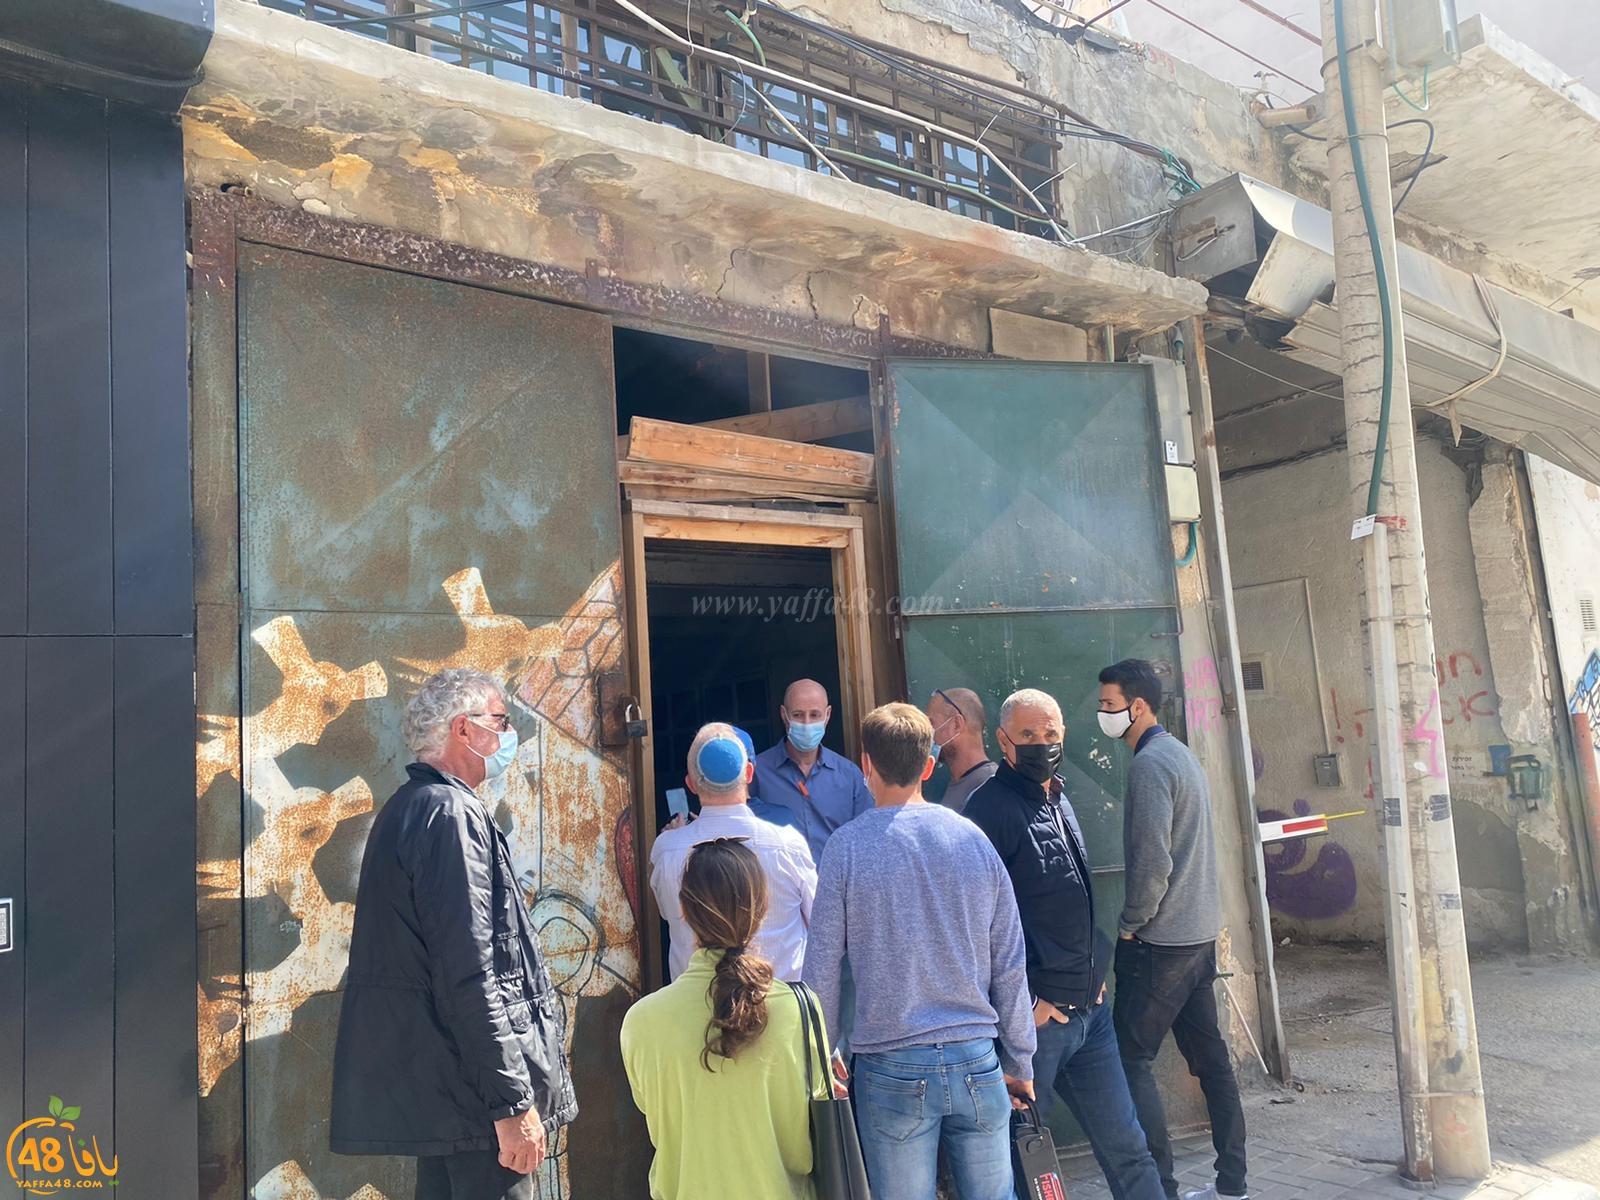 شركة عميدار تُنظم جولات جديدة للمستثمرين في مدينة يافا